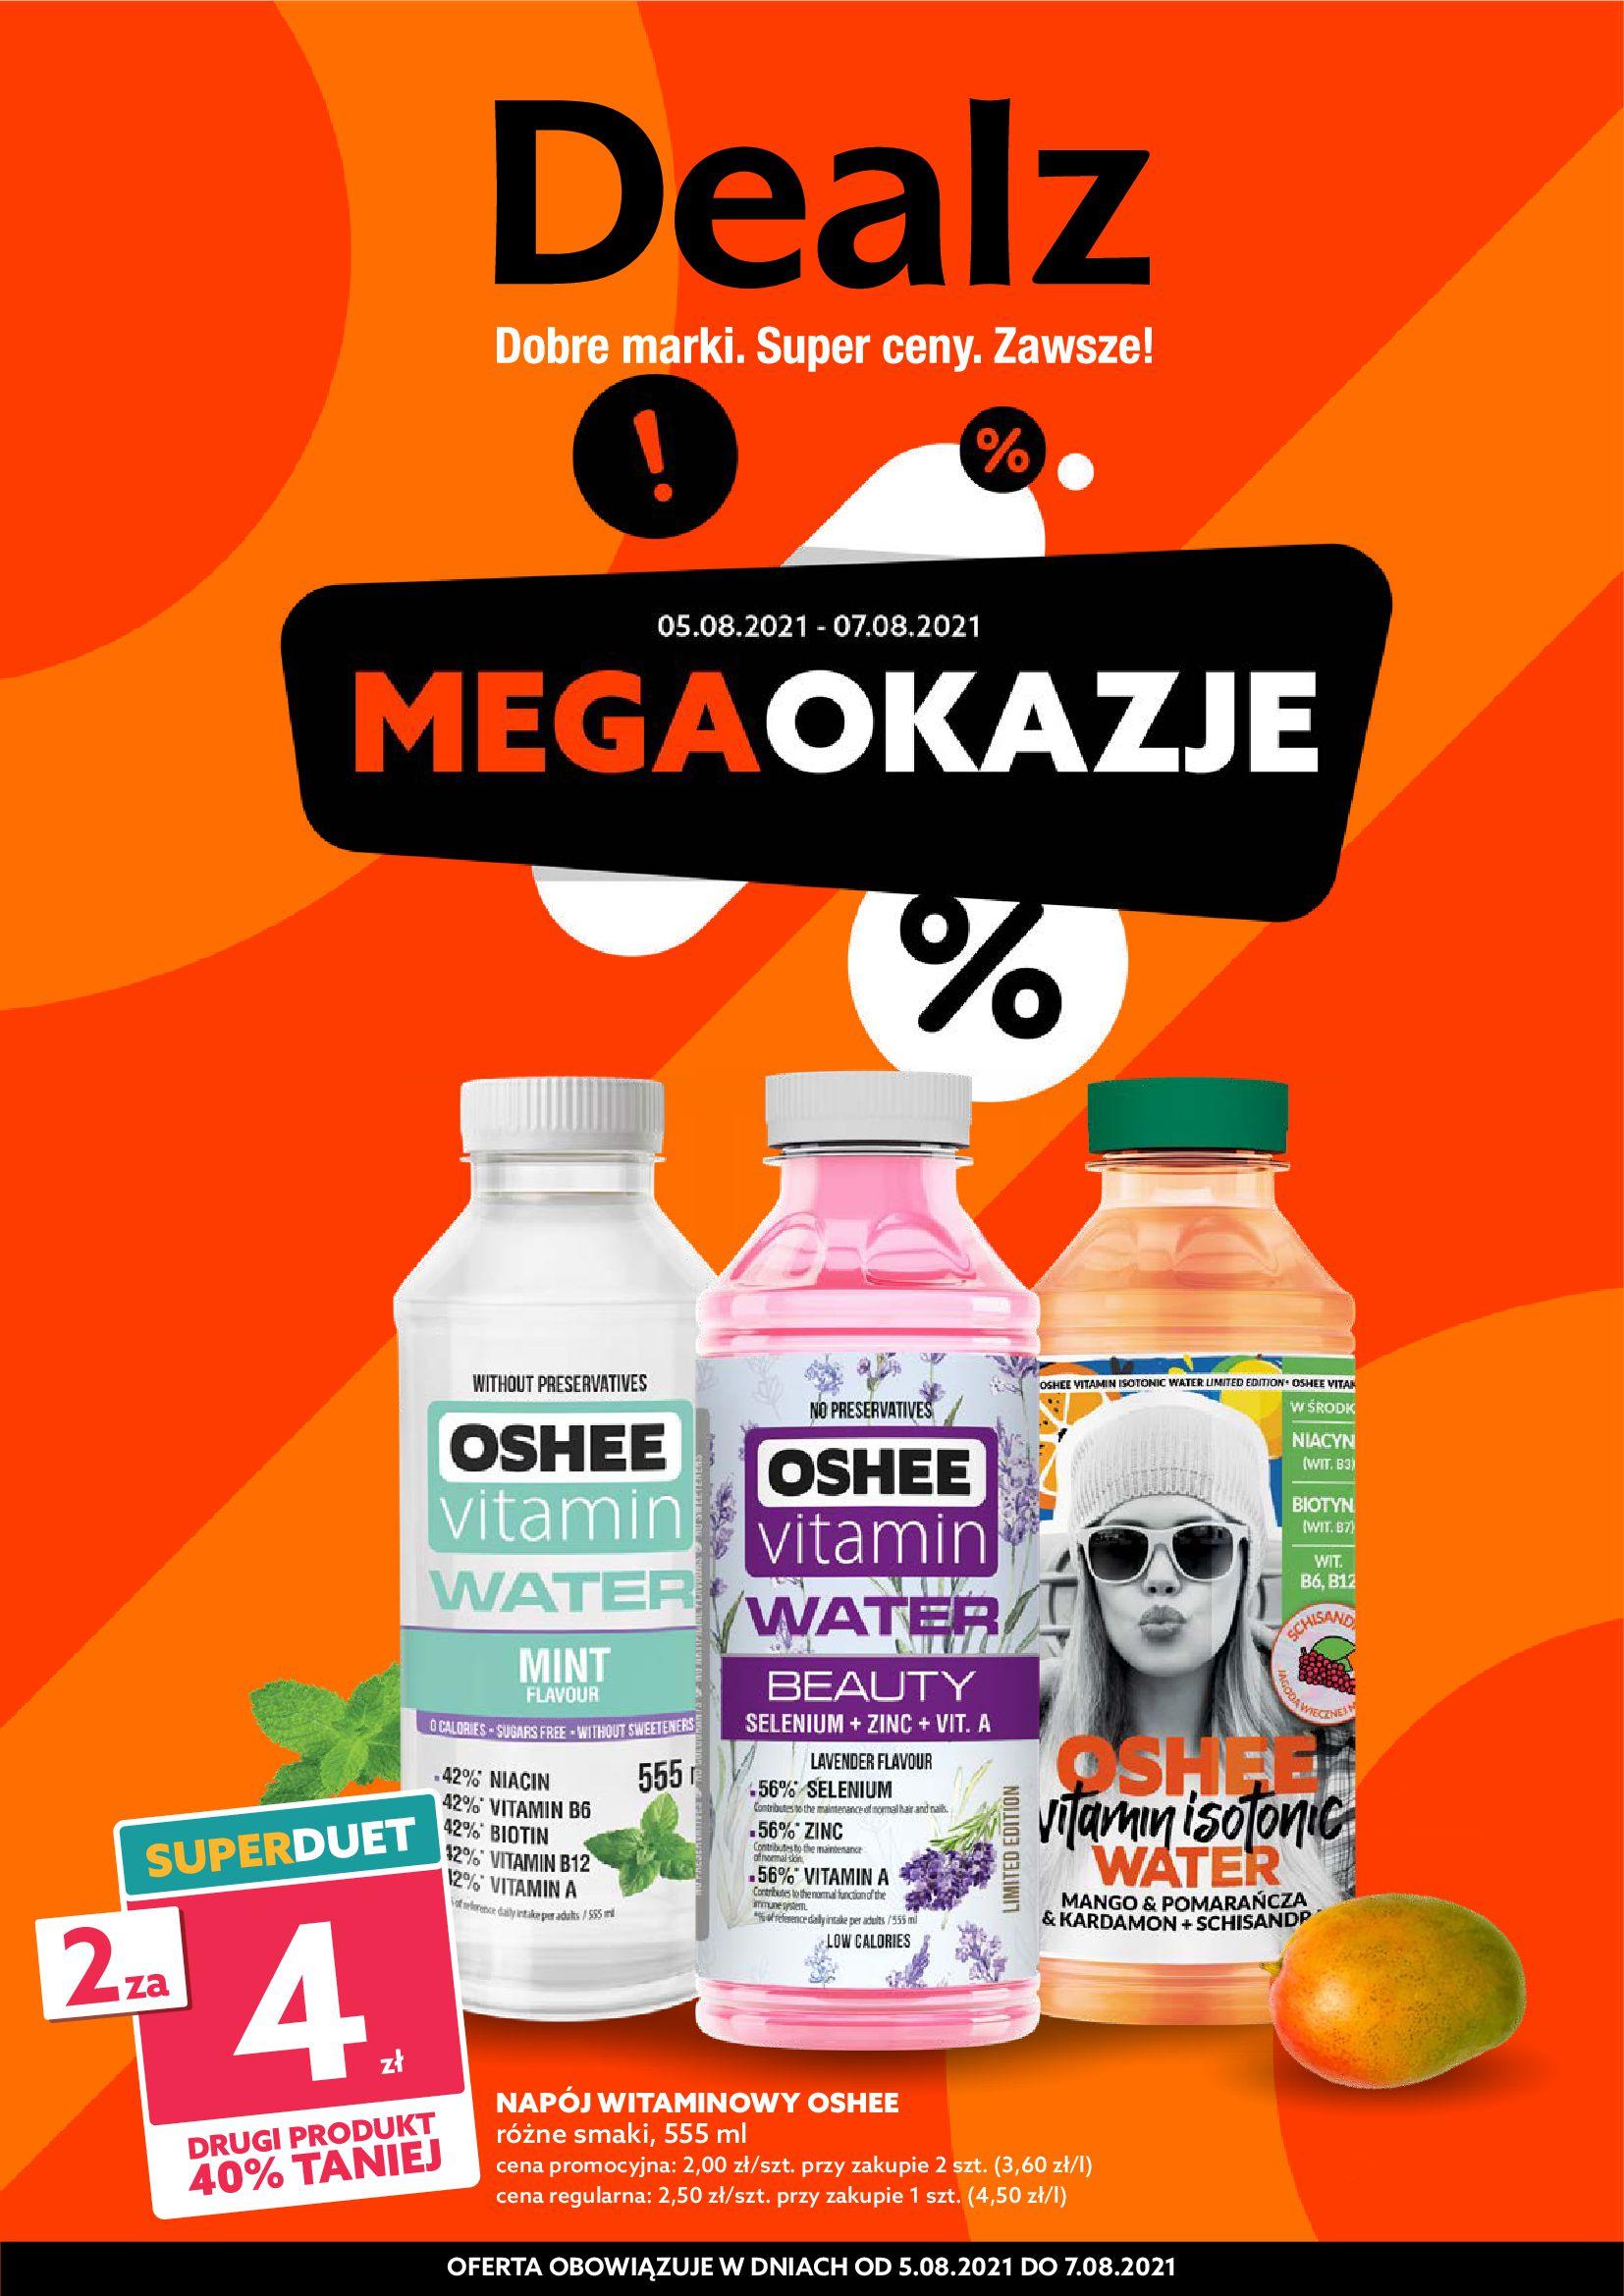 Dealz :  Gazetka Dealz - Mega Okazje 04.08.2021